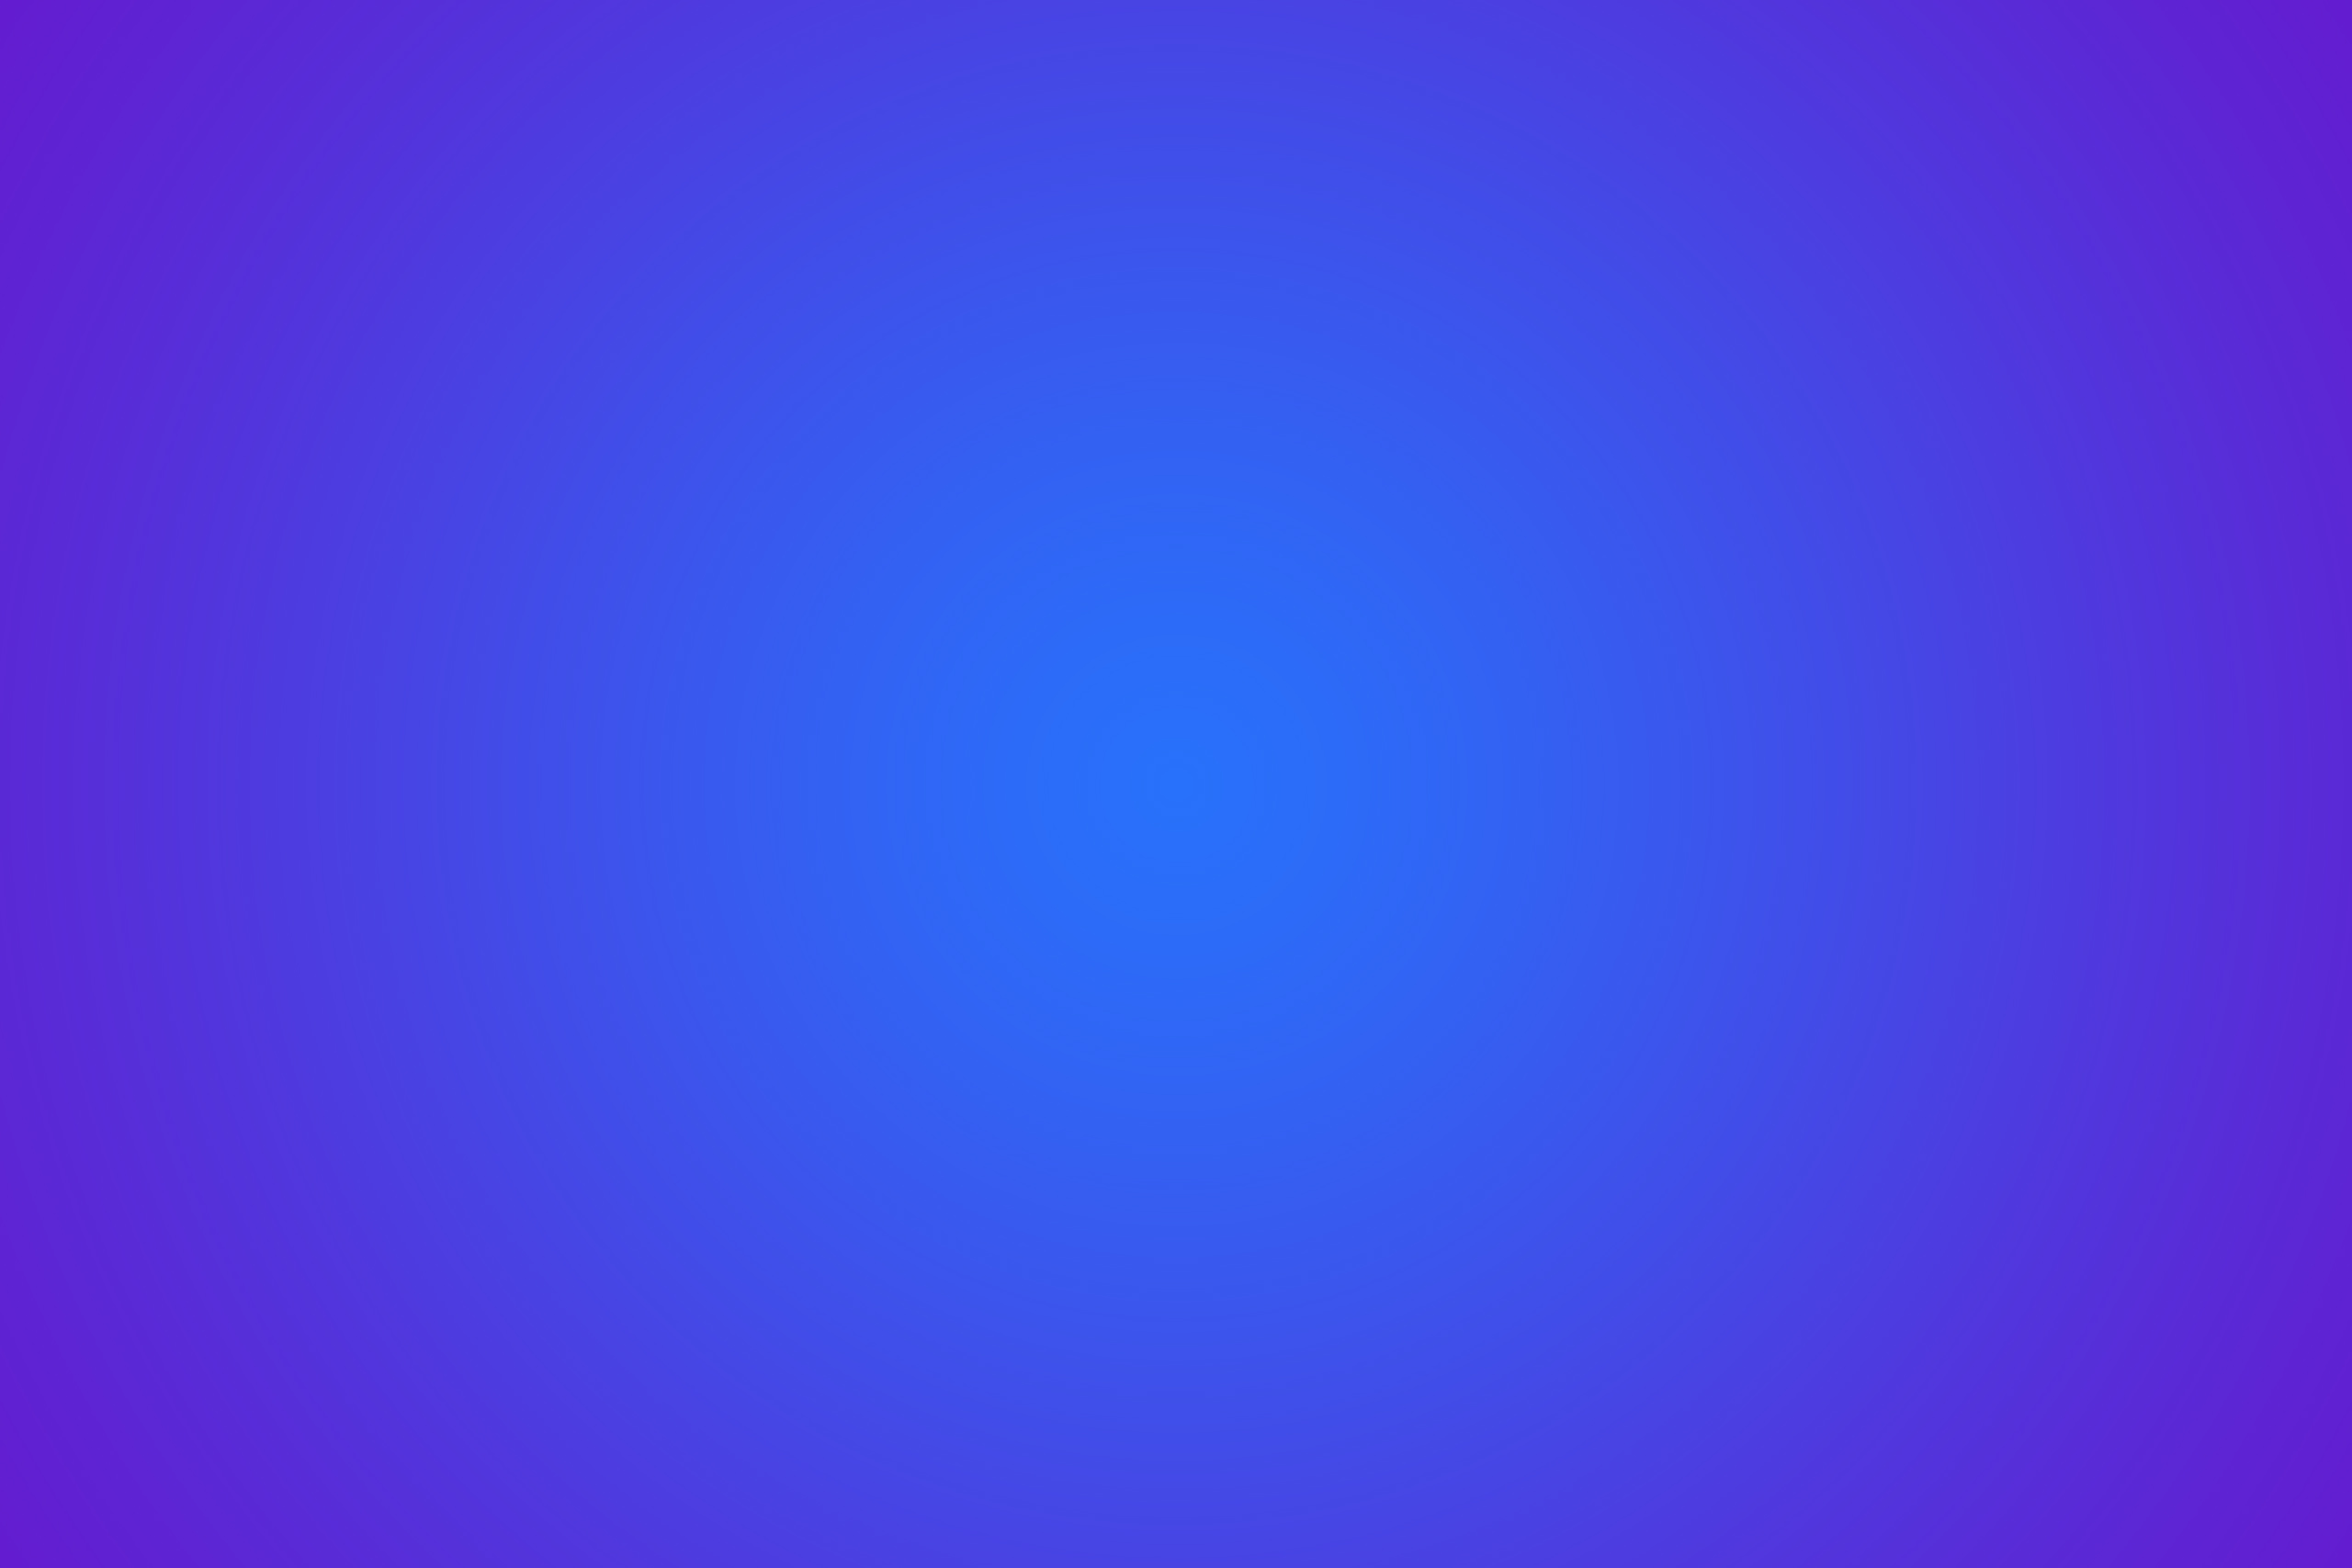 Синий фон с фиолетово-голубым градиентом.